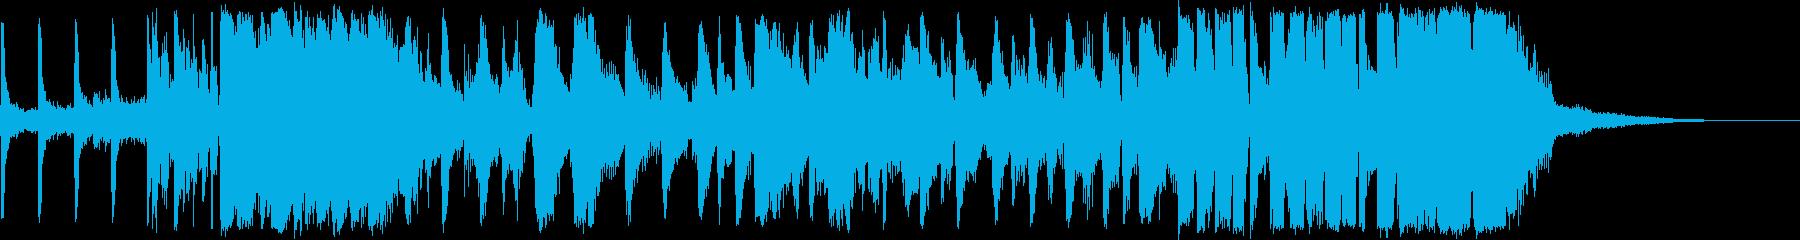 【生演奏】ファンキーなブラス隊のジングルの再生済みの波形